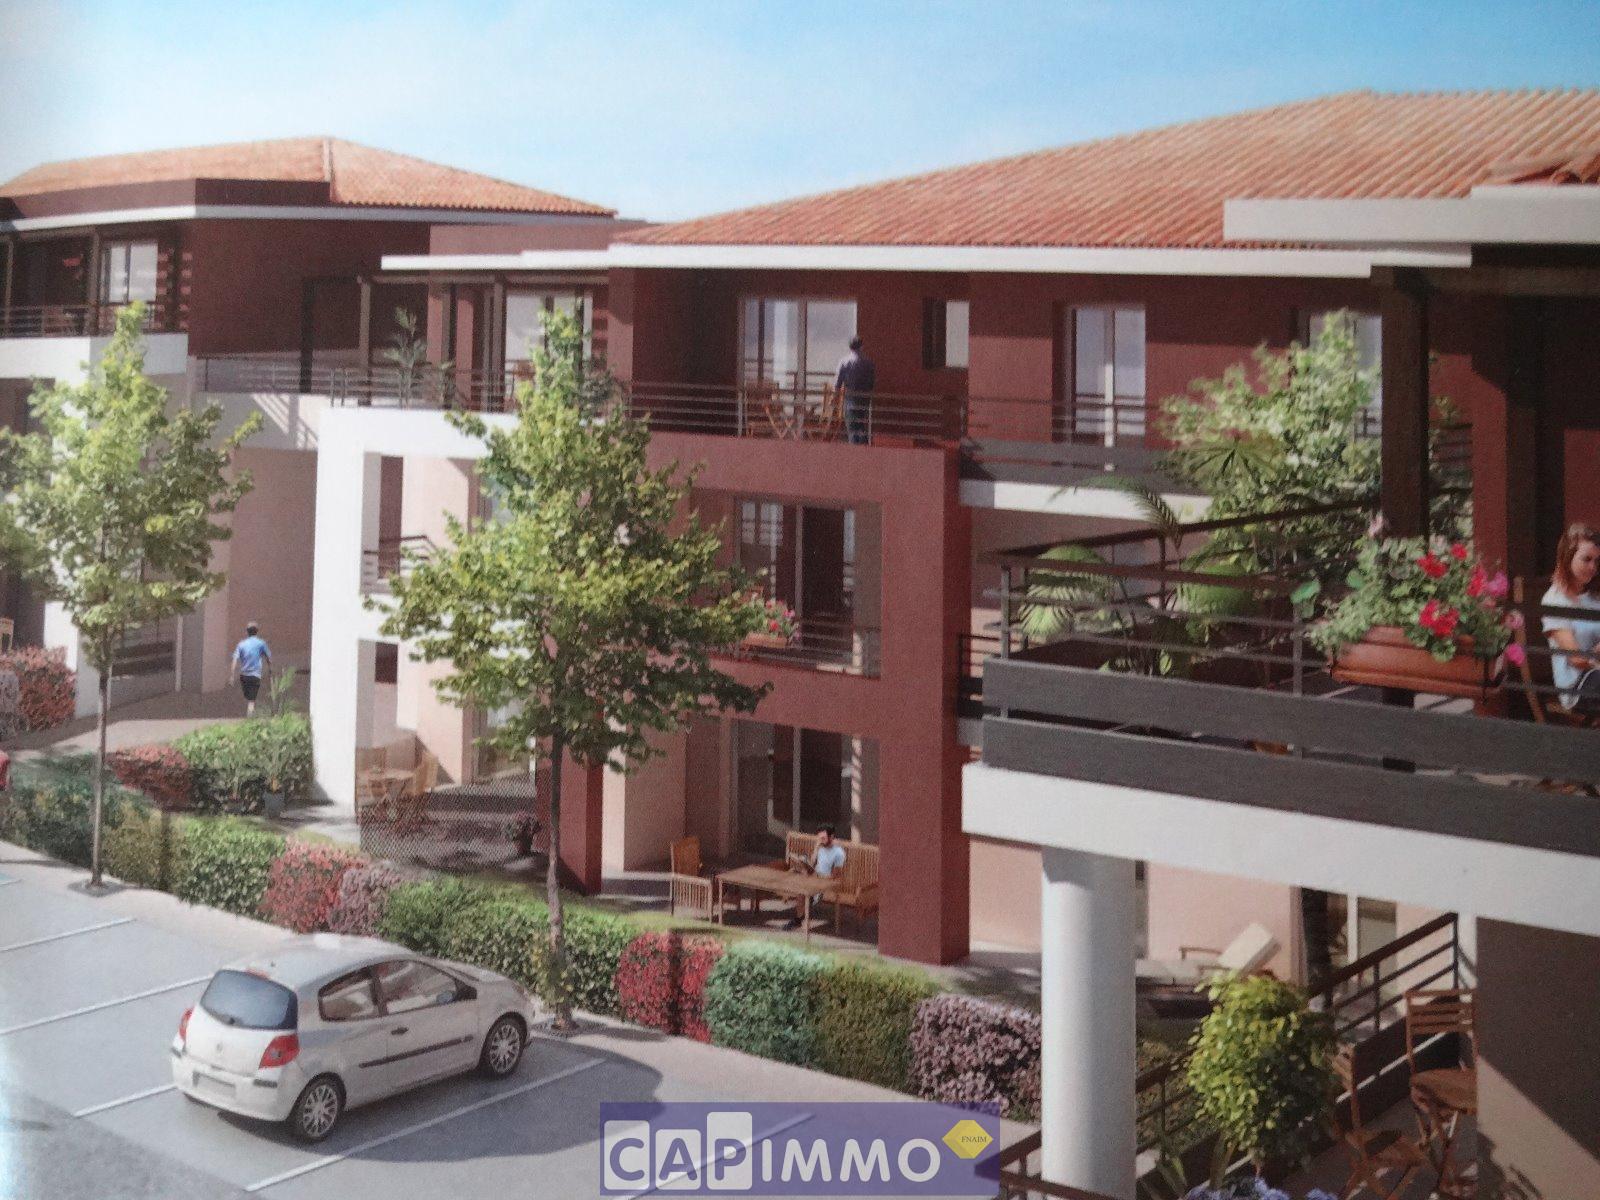 Vente appartement rez de jardin 83390 cuers for Appartement rez de jardin